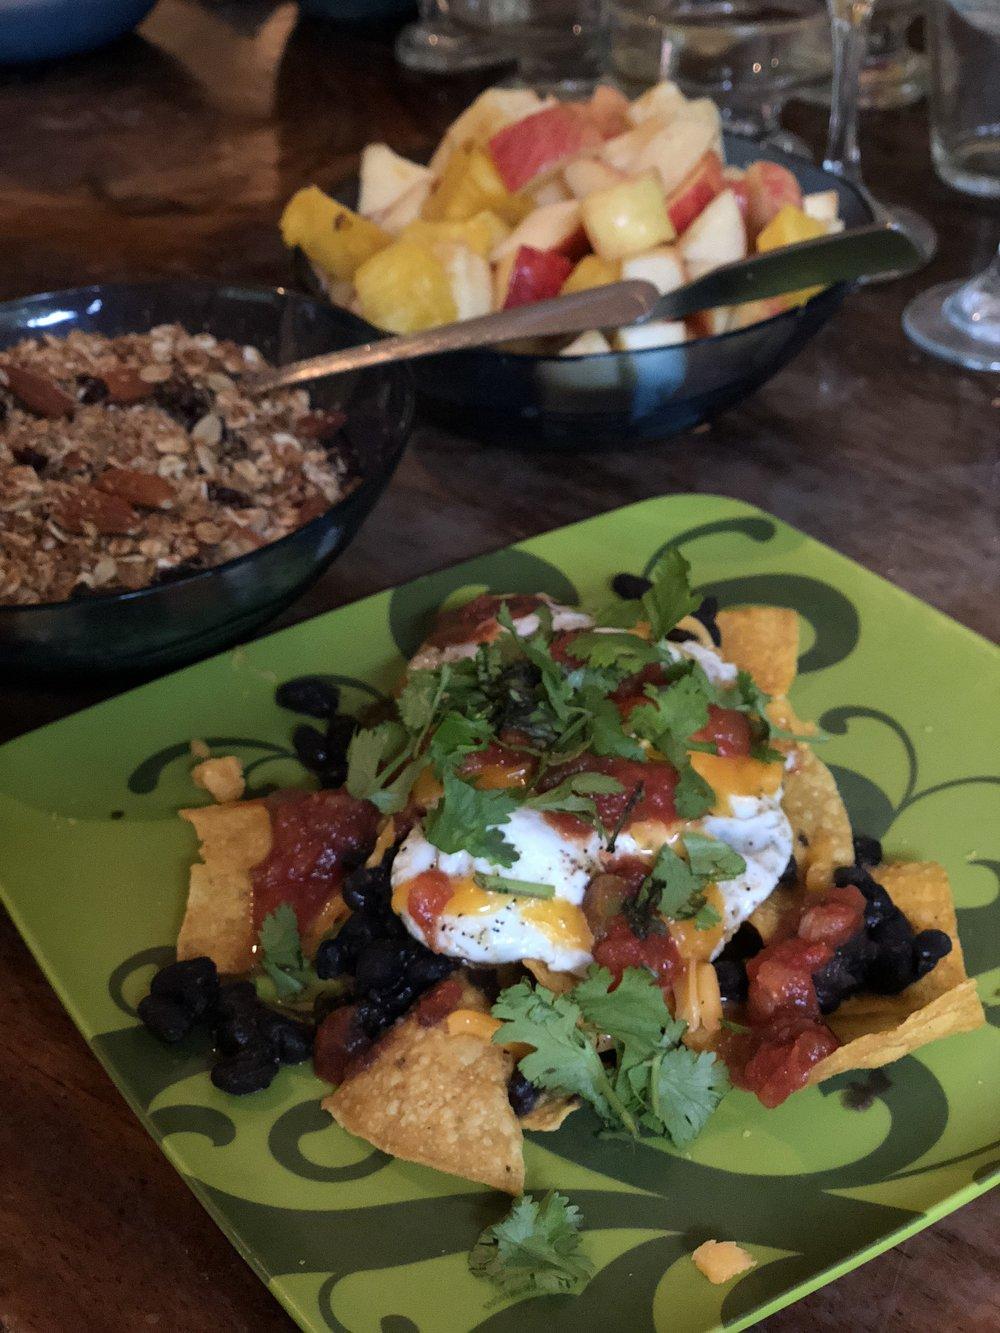 アメリカ南部からコスタリカに移り住んできたチャキチャキLindaの三食お手製の食事も最高でした〜。地元産のオーガニックの食材をふんだんに使った、(ほぼ)ヴィーガンに近い料理が、食欲と美欲を一週間、満たし、私たちのウェル・ビーイングをサポートてくれました。サポートして下さったノサラのみなさん、いつもありがとう!